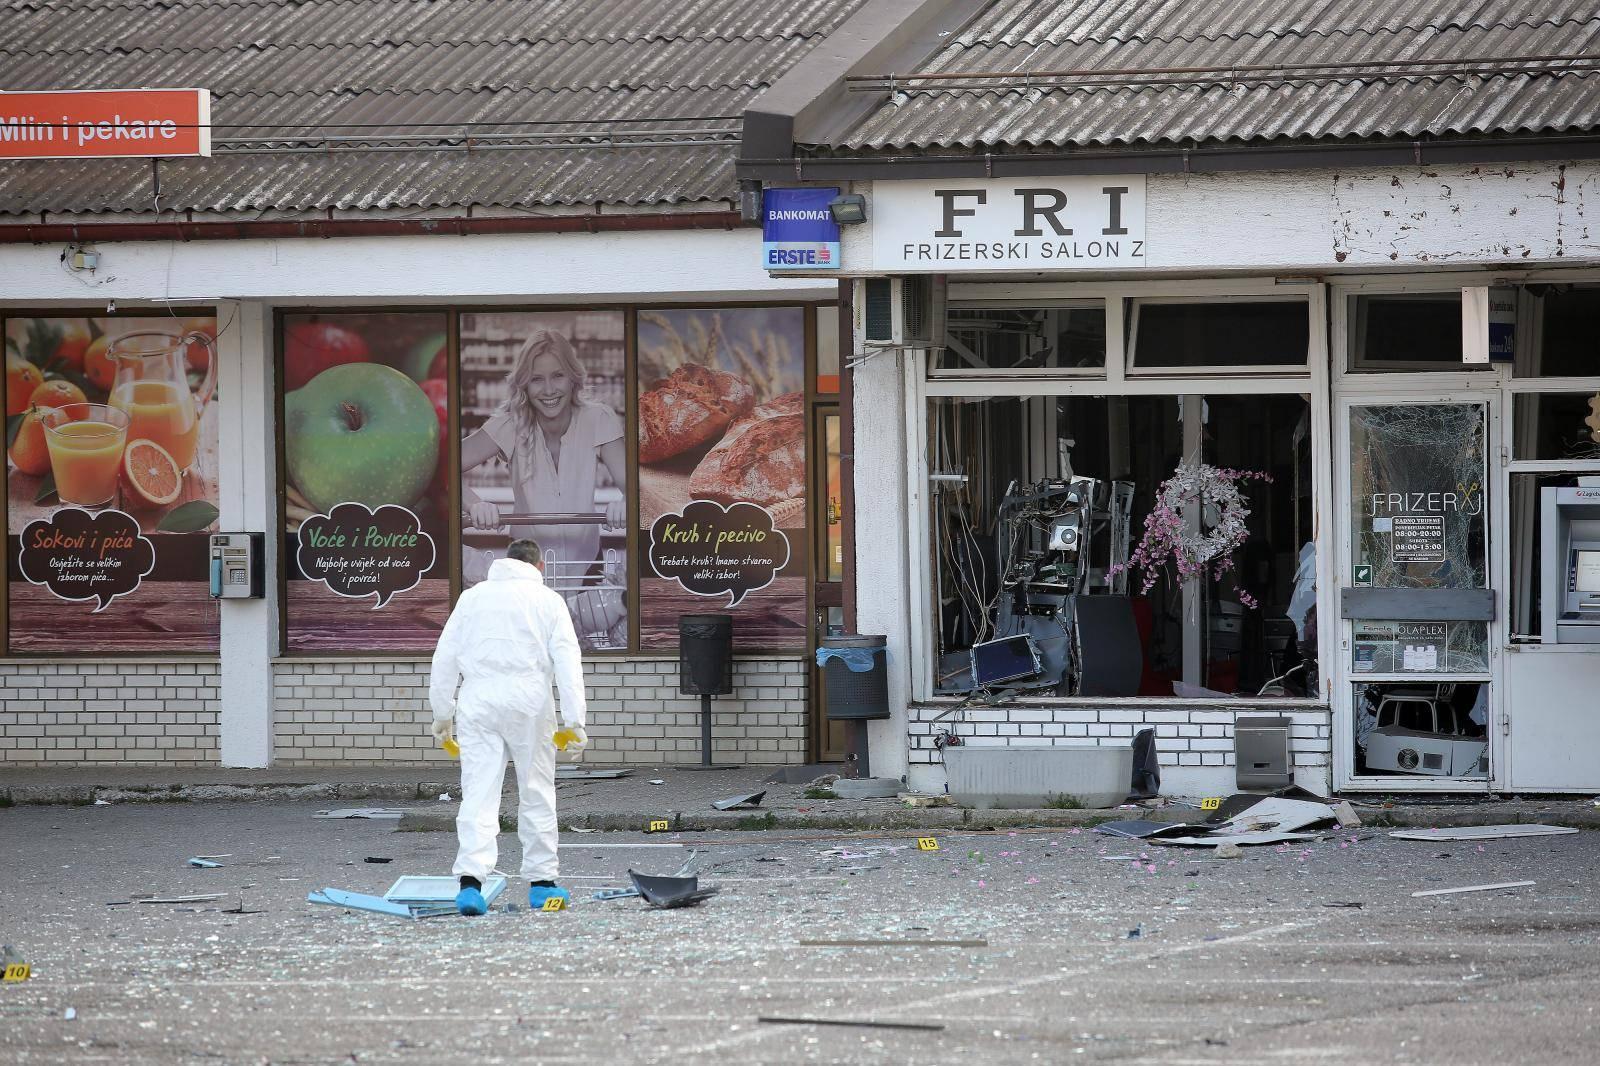 Eksplozija zatresla Staro Čiče: 'Napali' bankomat Erste banke